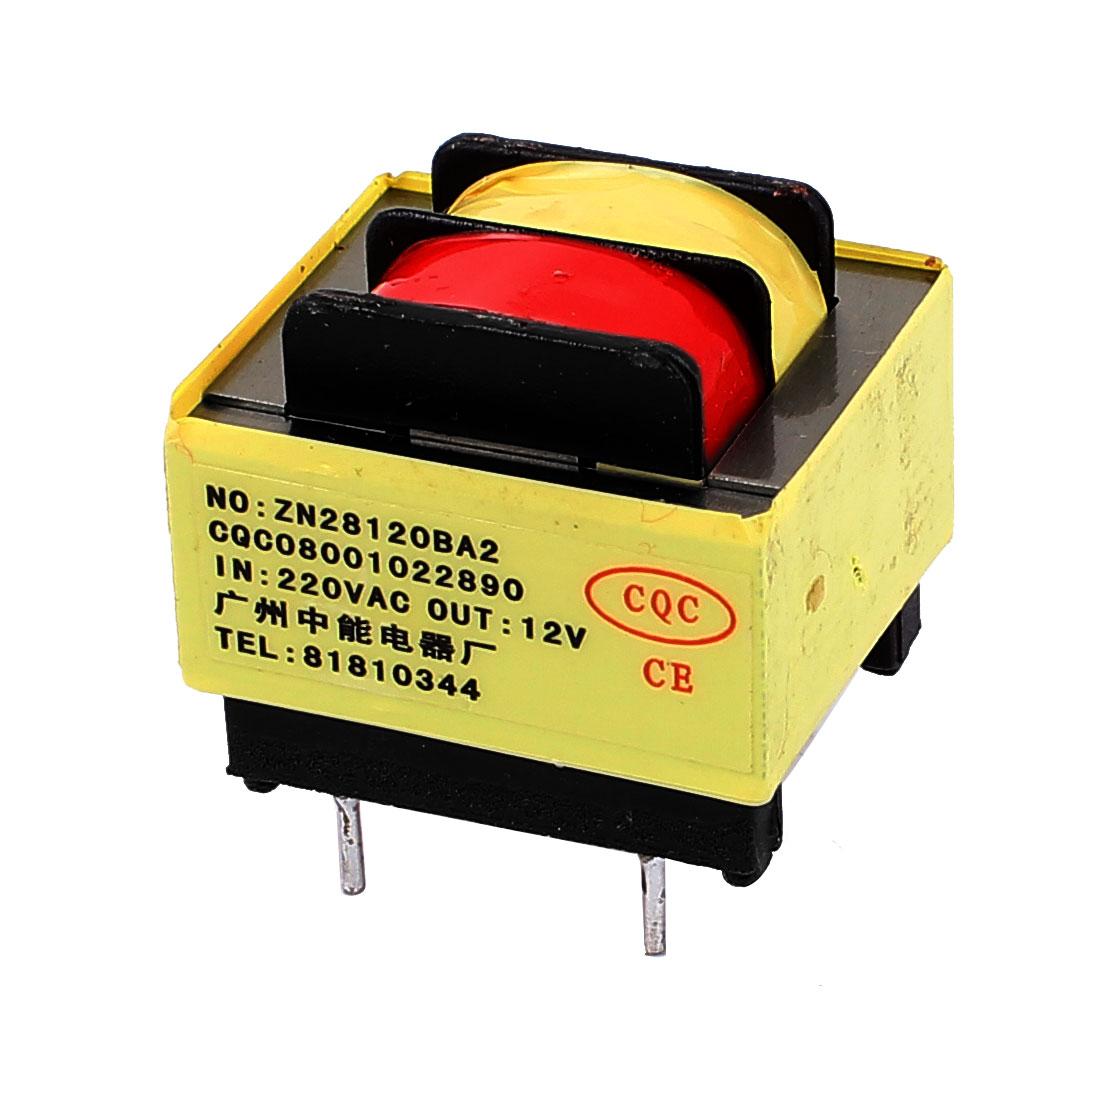 220V Input 12V 1.2VA Output Yellow Red Ferrite Core Power Transformer w 5 Terminals